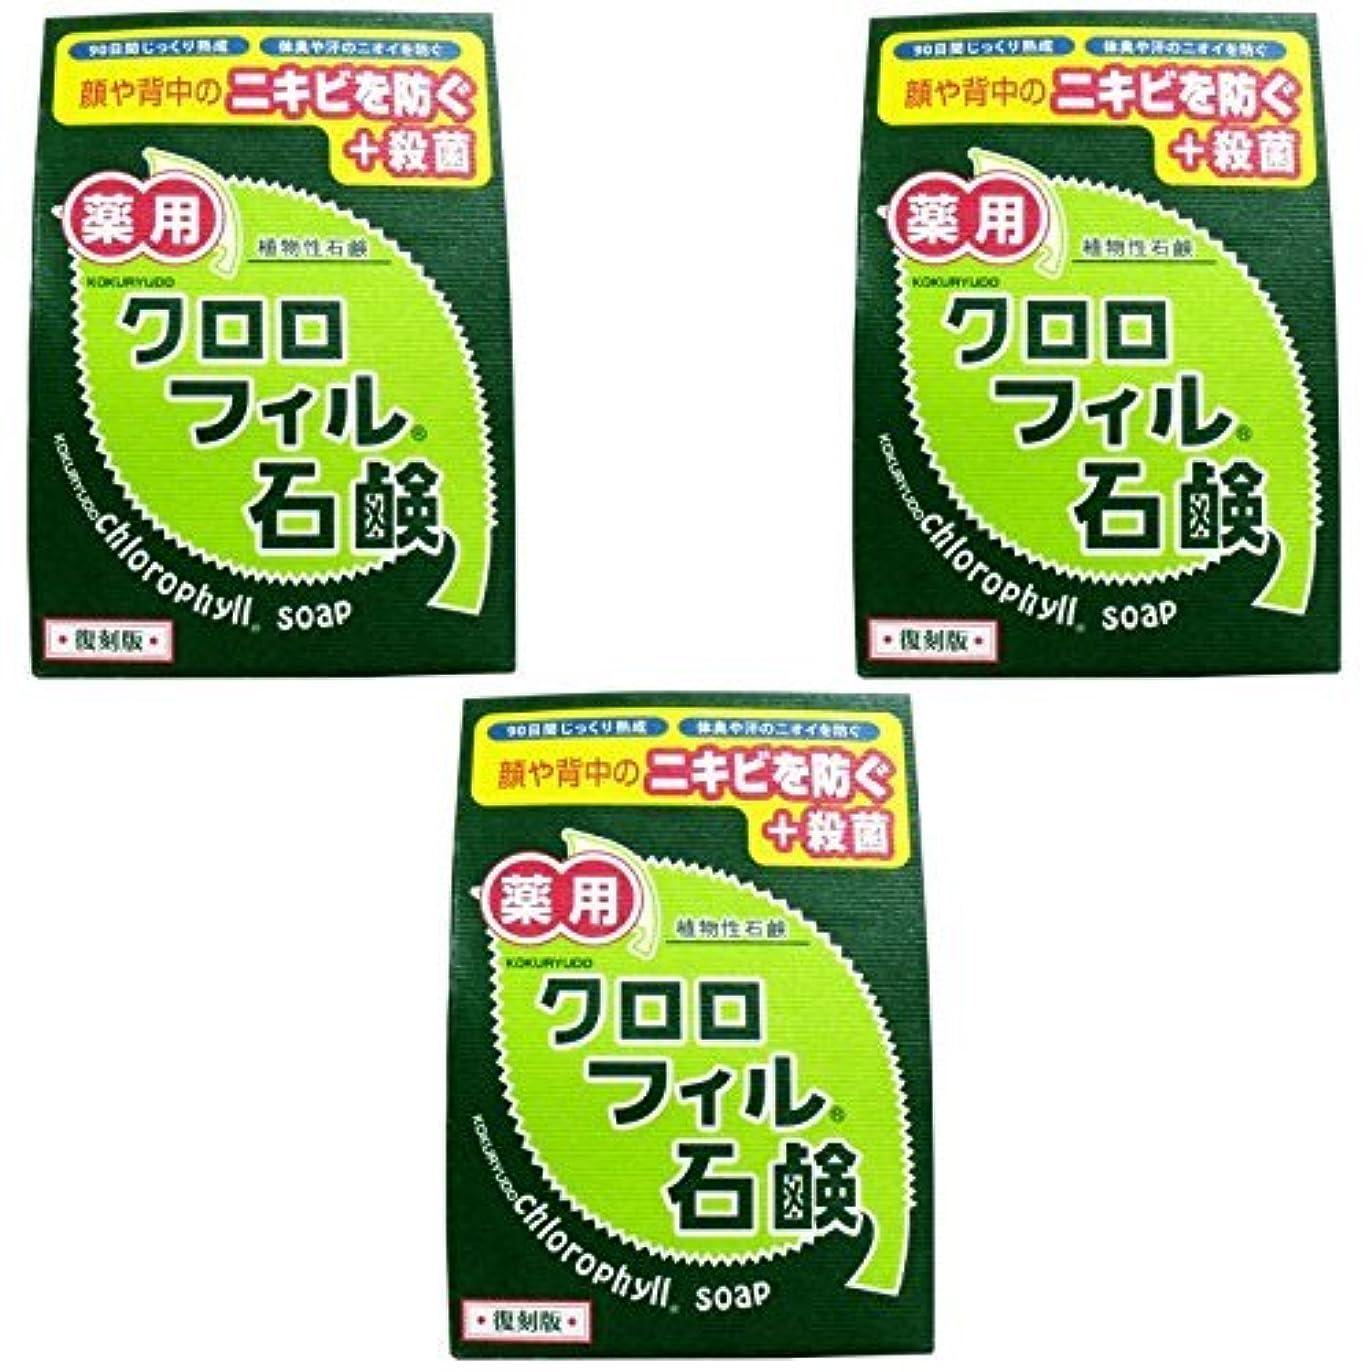 強度カナダ無限大【まとめ買い】クロロフィル石鹸 復刻版 85g (医薬部外品)【×3個】